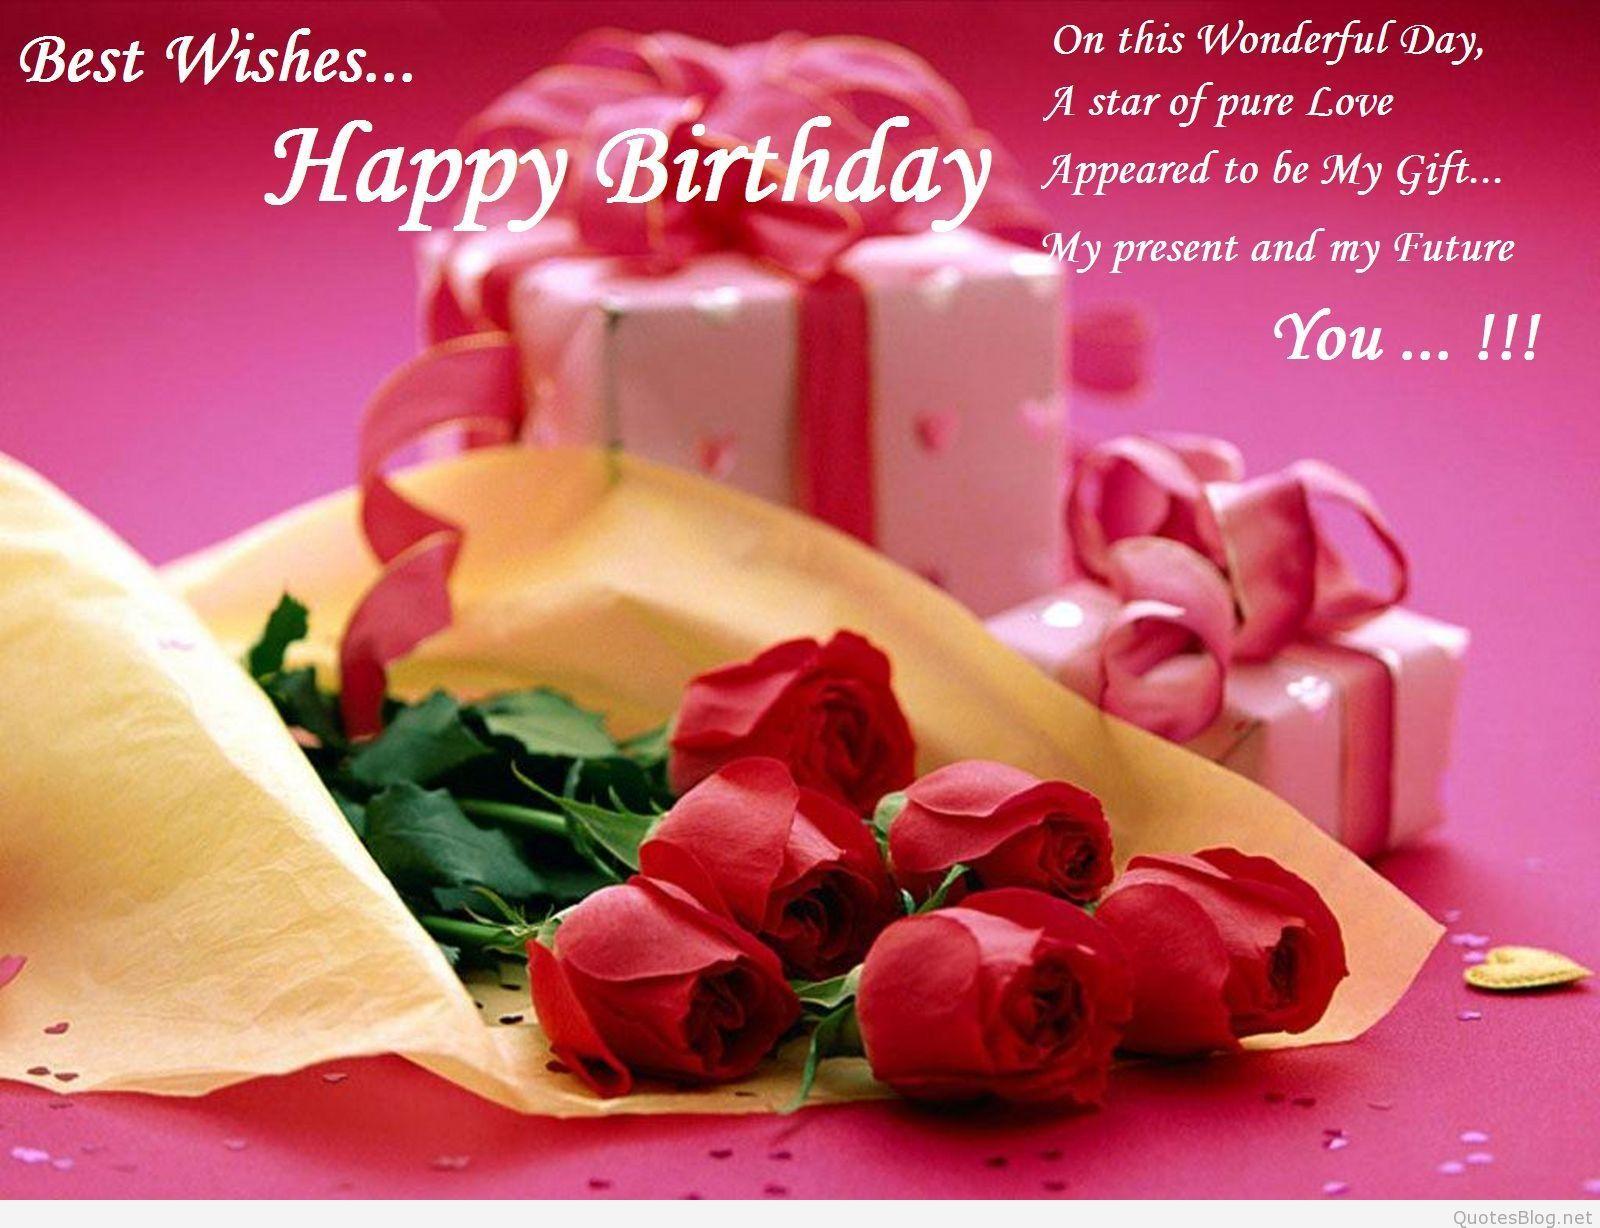 Открытка с днем рождения для девушки фото